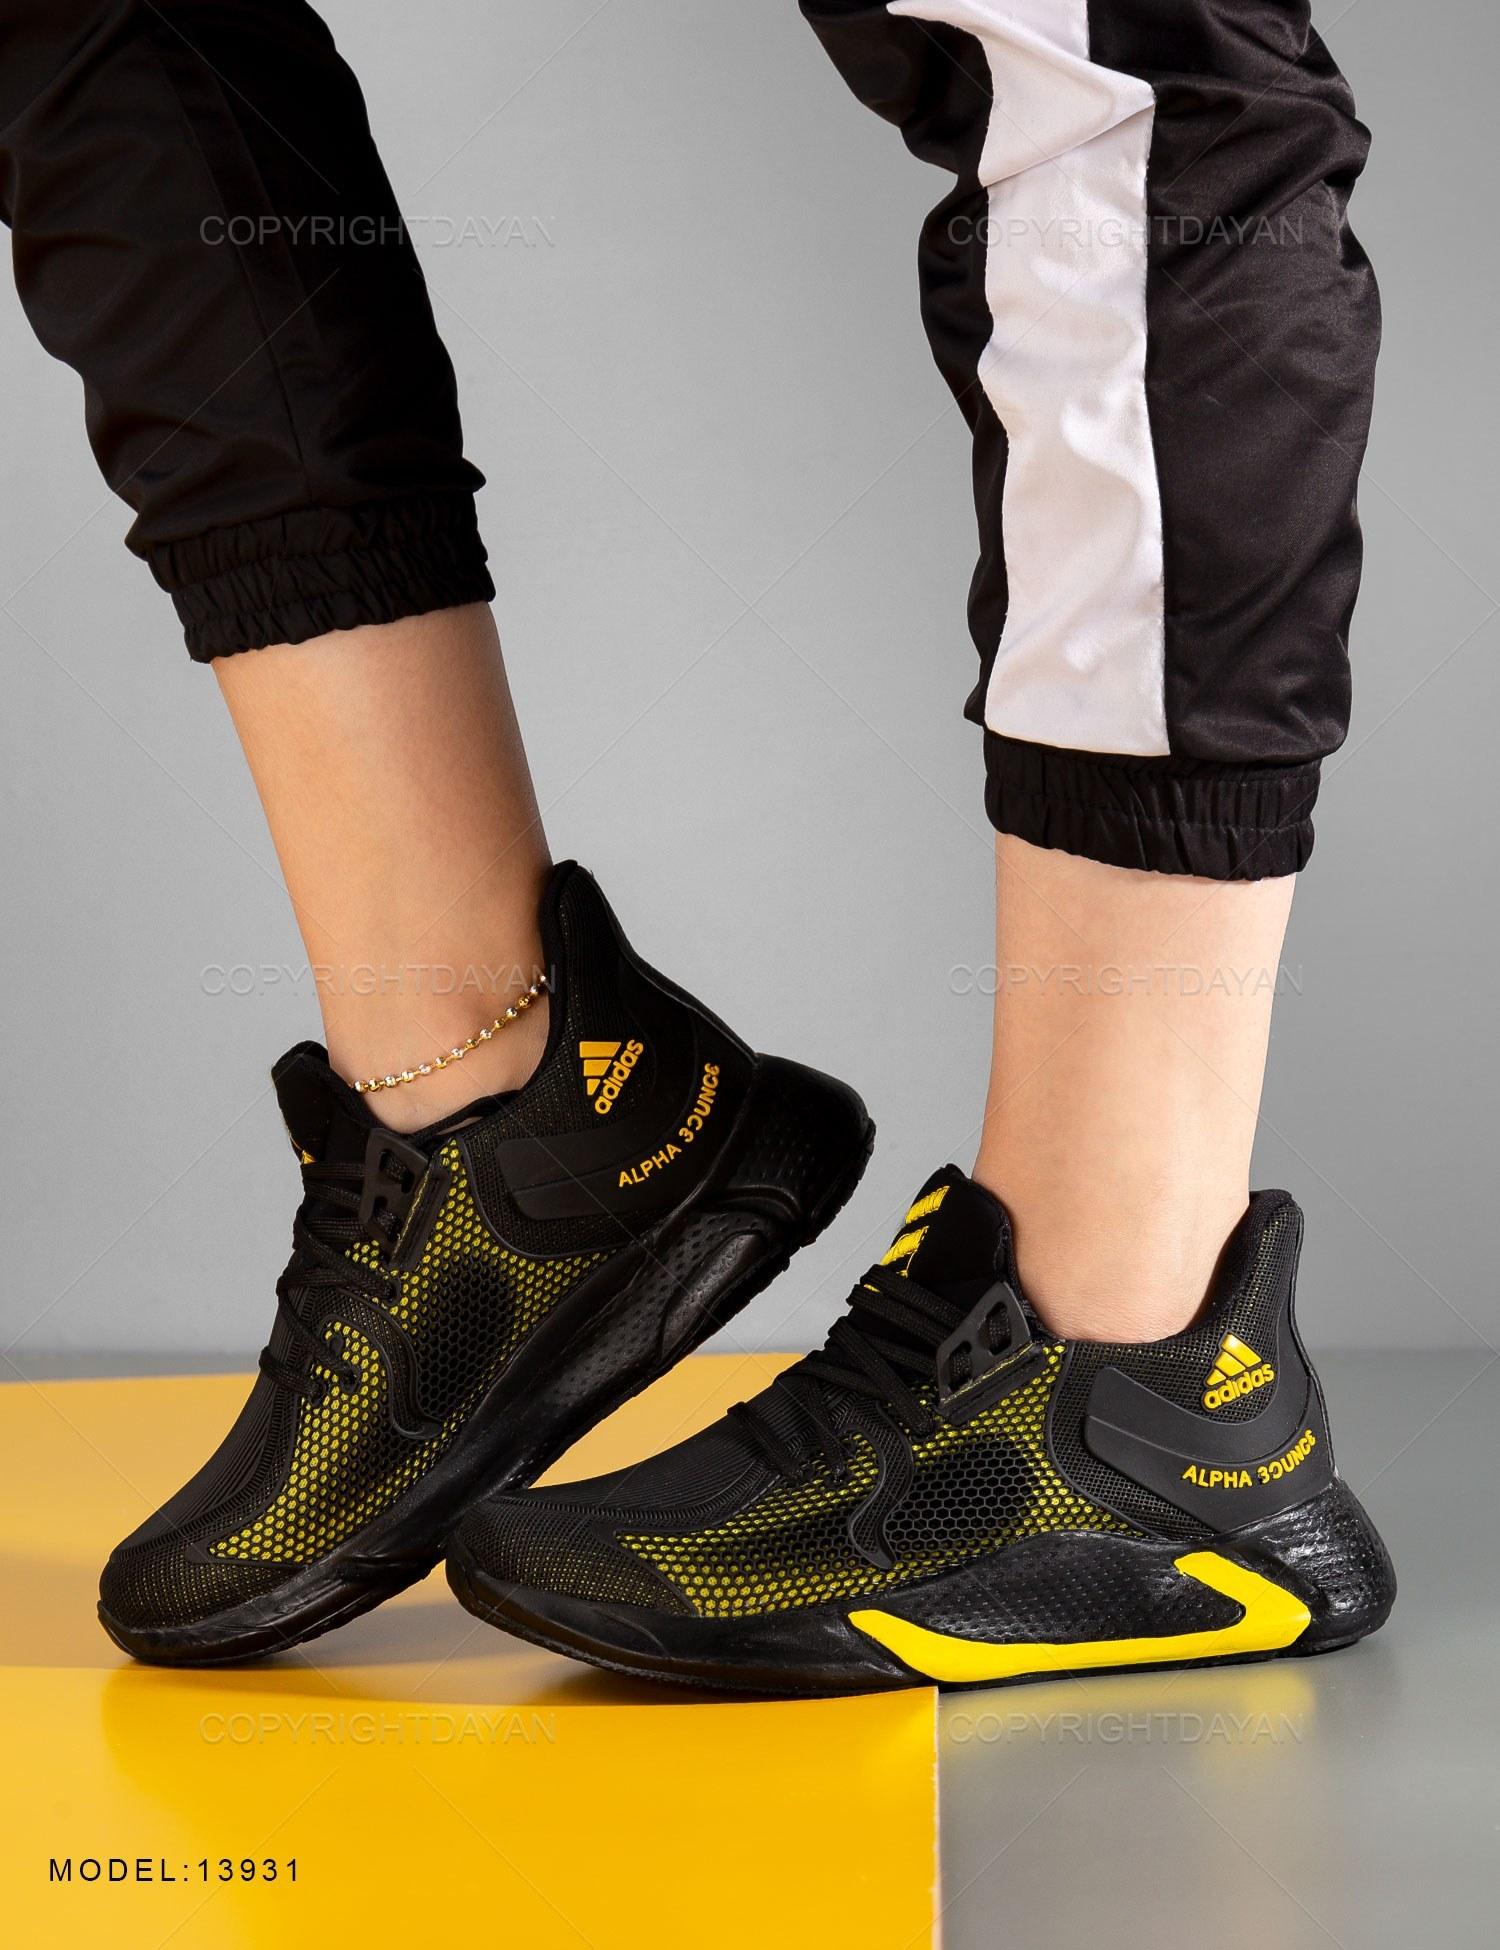 عکس کفش زنانه Adidas مدل 13931  کفش-زنانه-adidas-مدل-13931